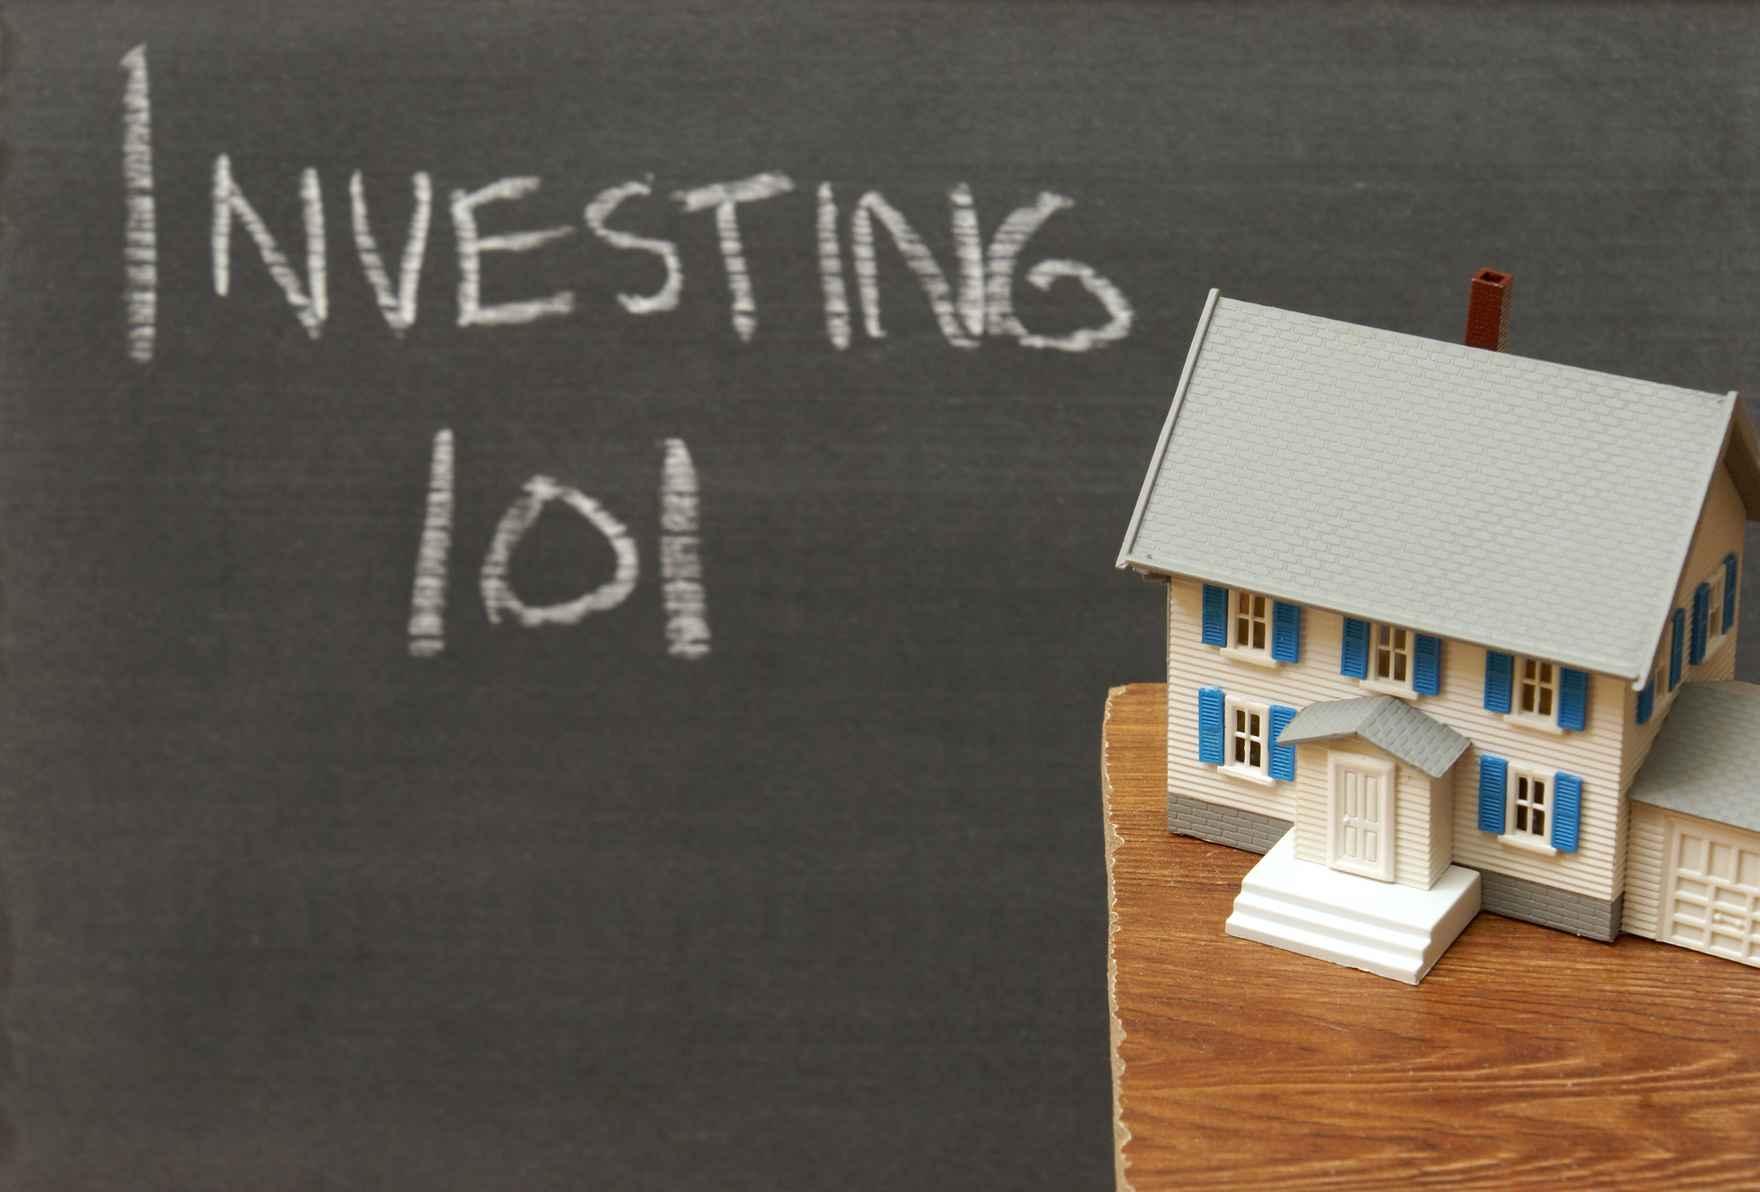 investing basics.jpg